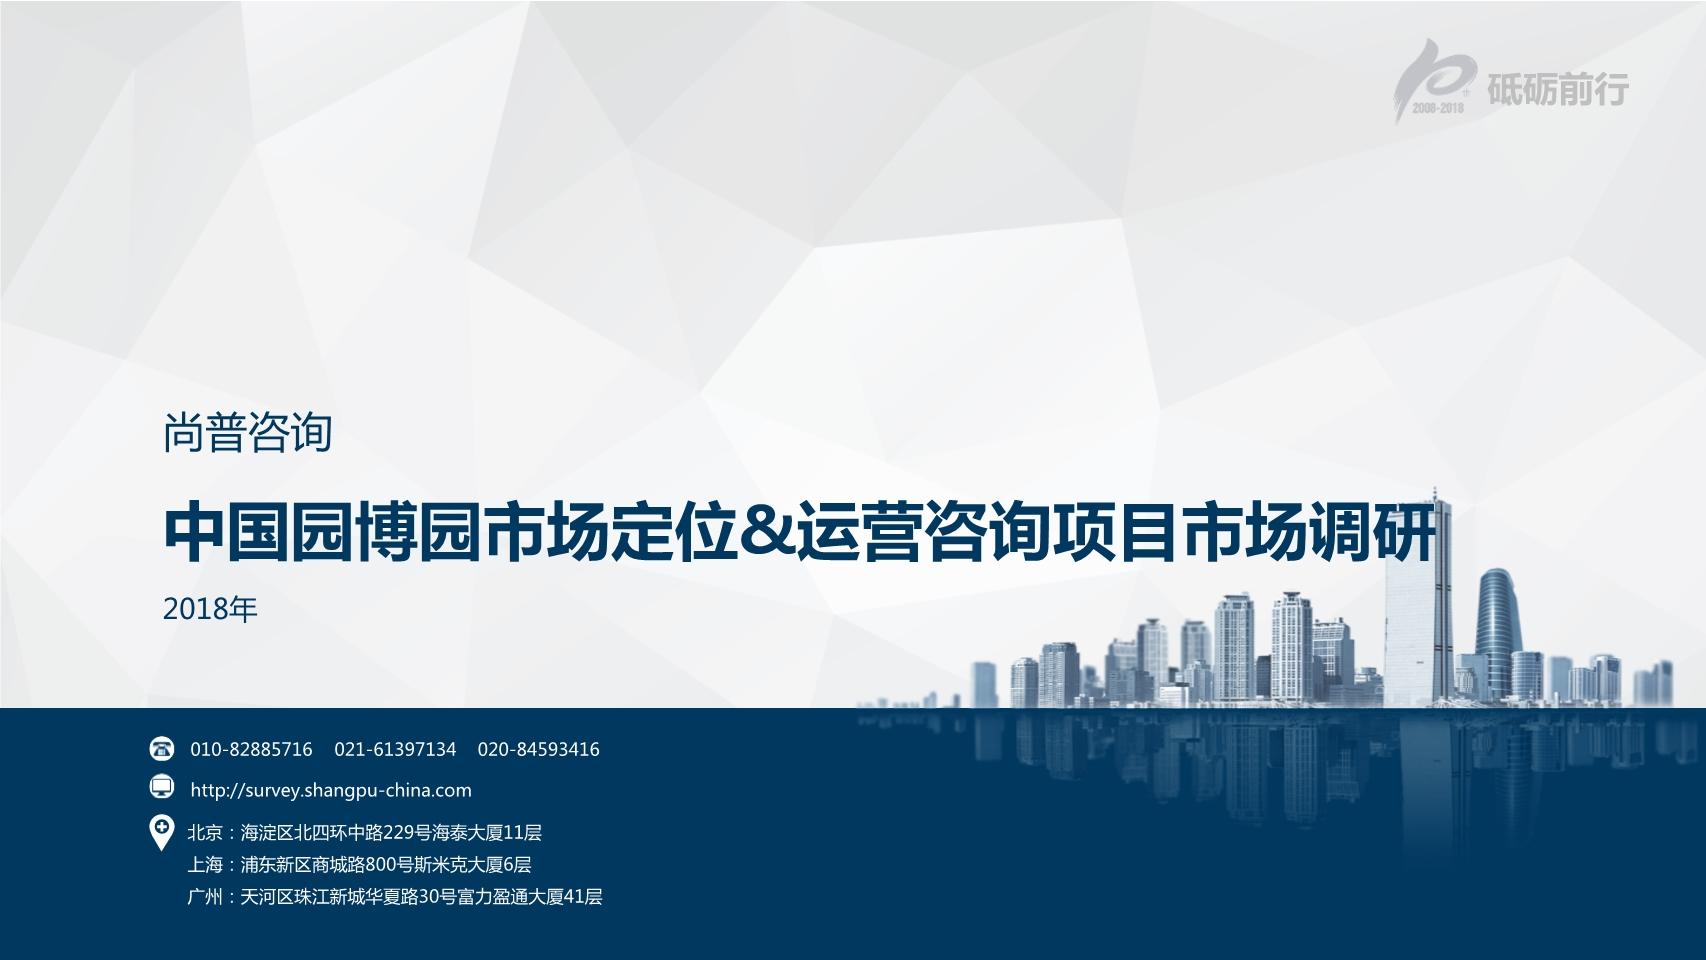 尚普咨询-中国园博园市场定位&运营咨询项目市场调研